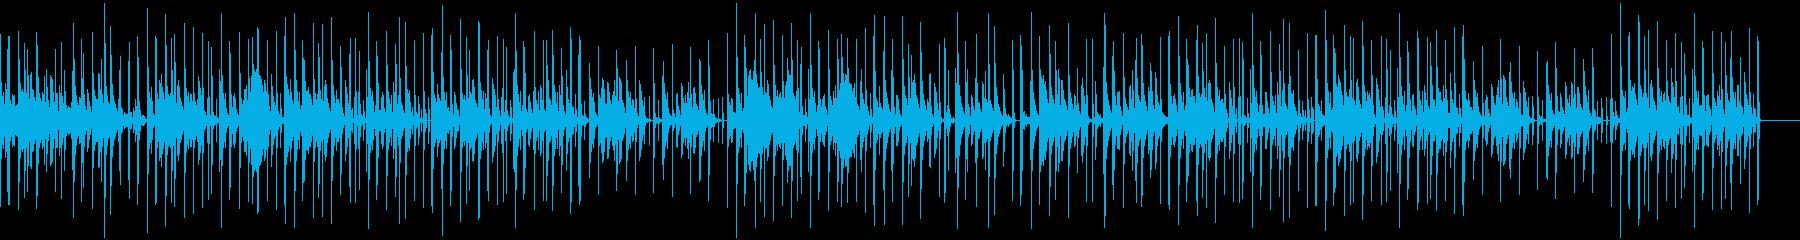 ゆるいビート3 Lo-fiHiphopの再生済みの波形